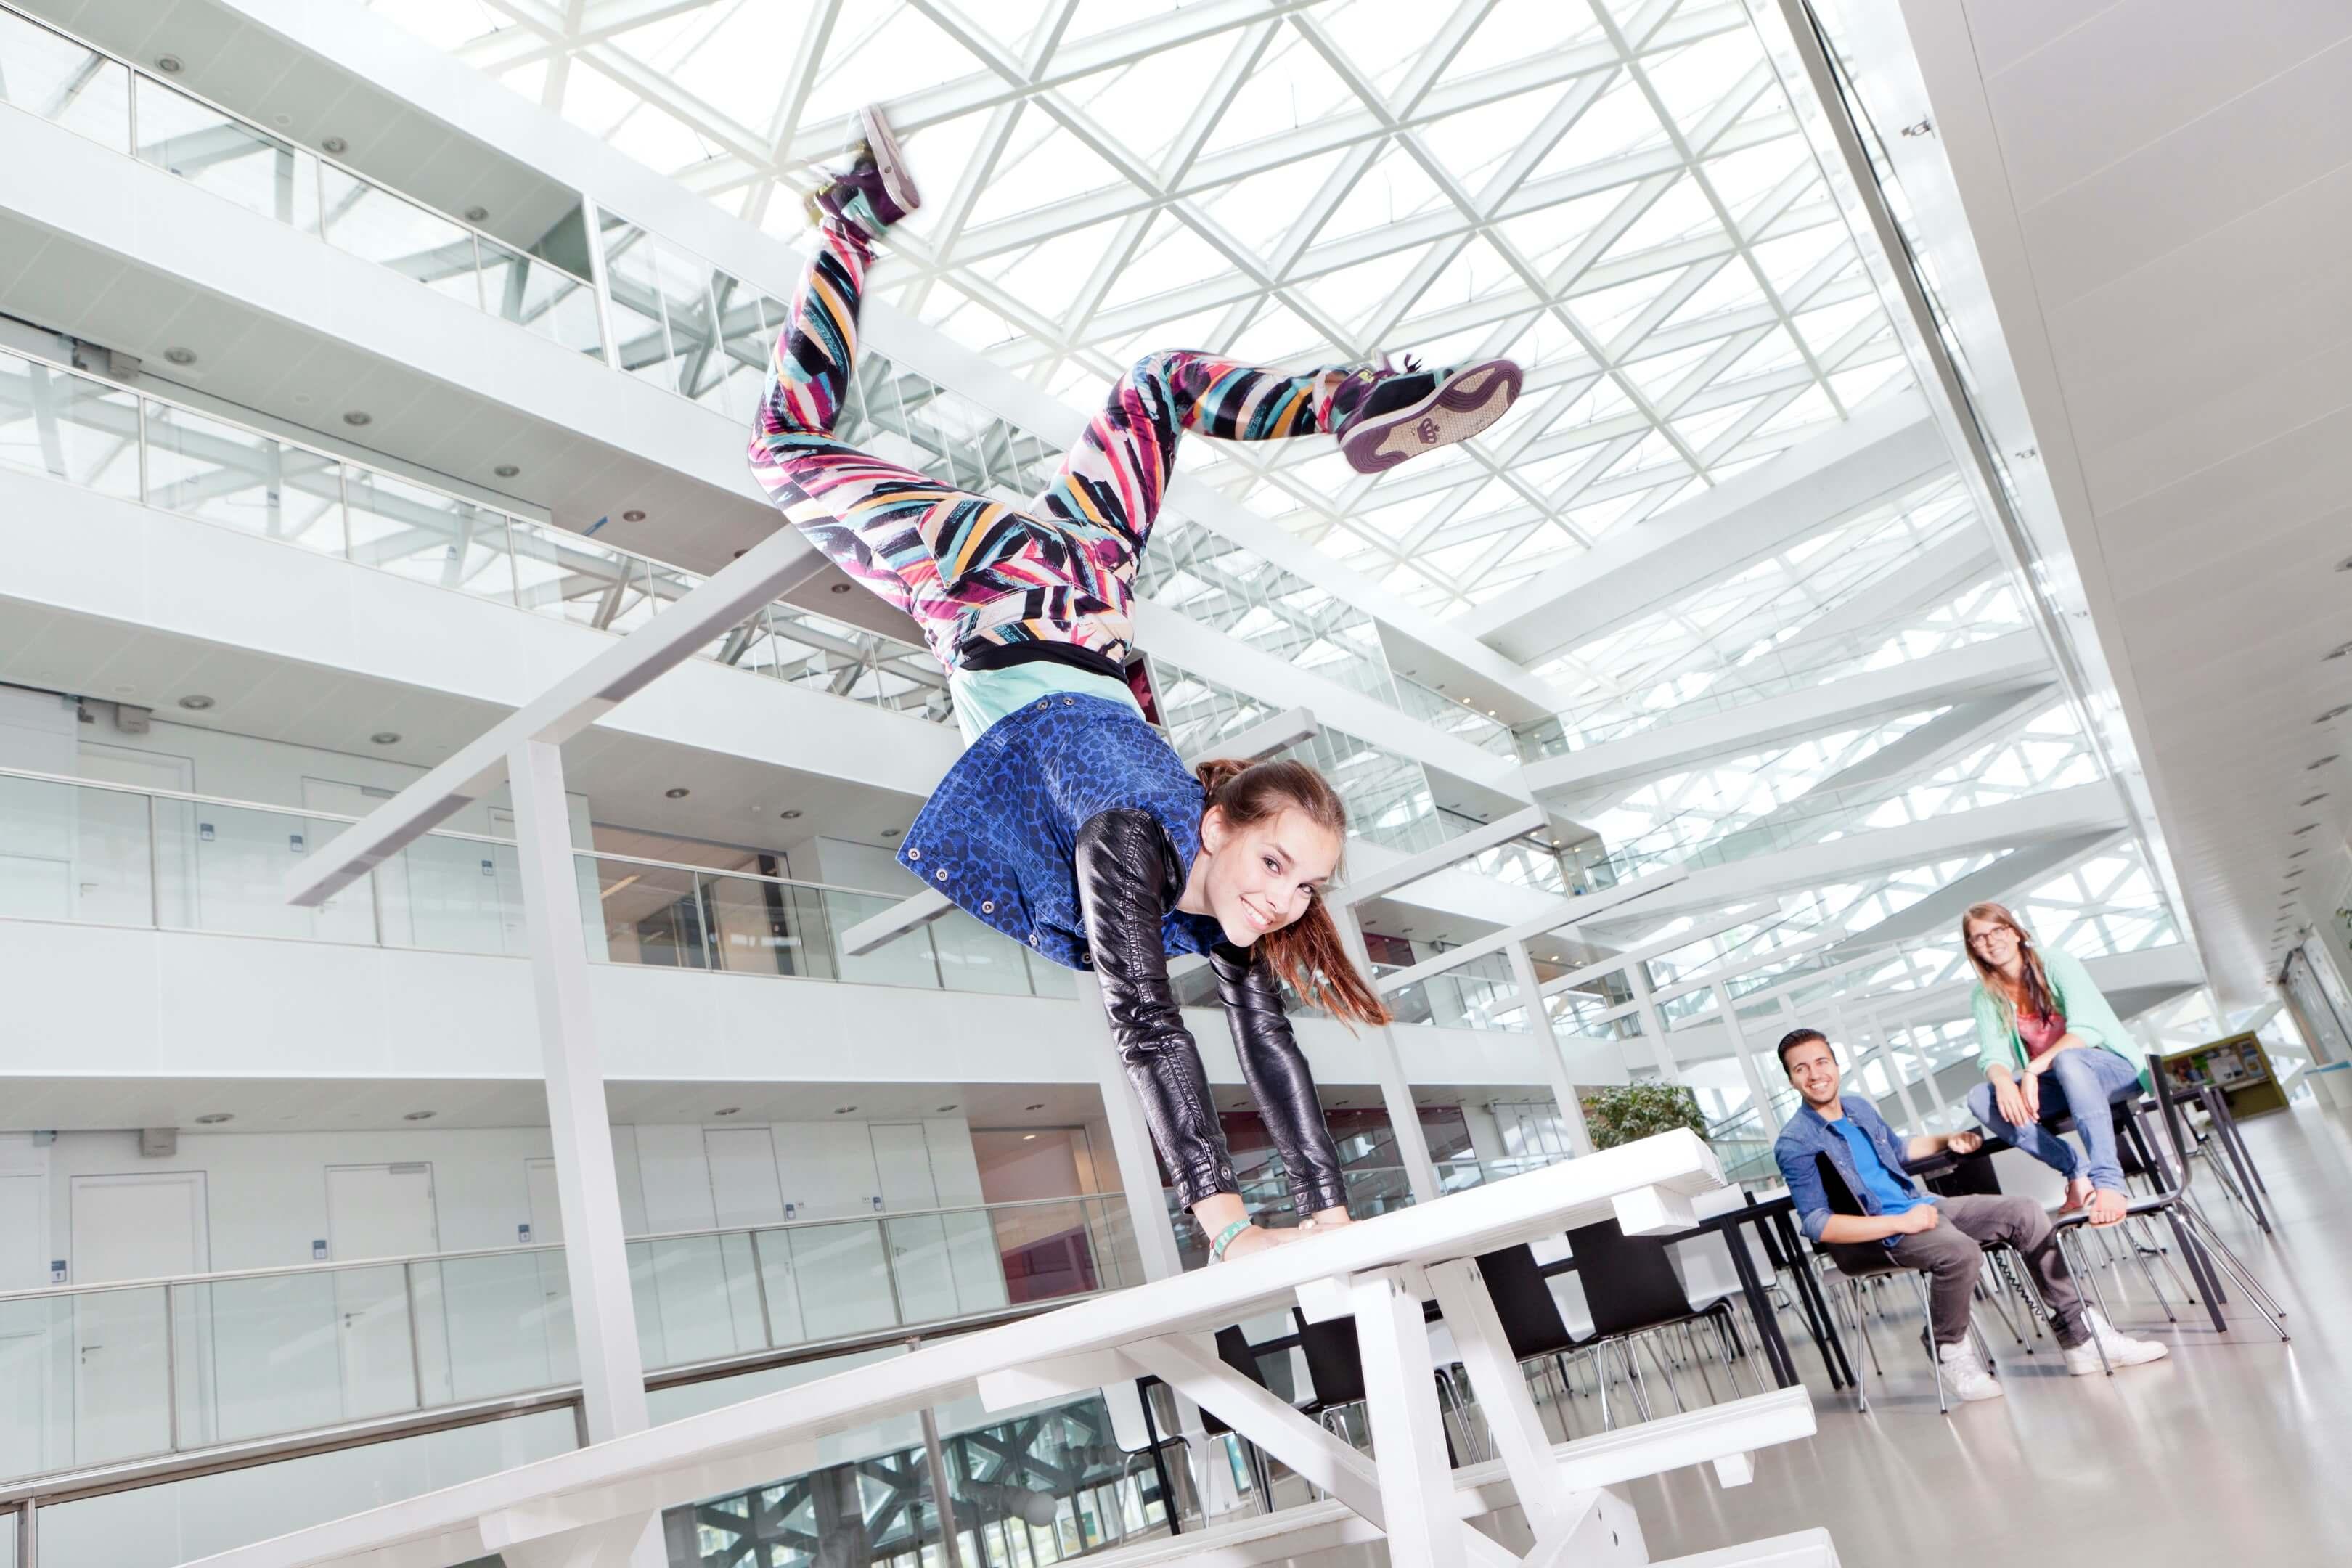 Jurjen Poeles Fotografie hogeschool Windesheim openlag campagne studenten citaat Waarom lopen als je ook kunt dansen